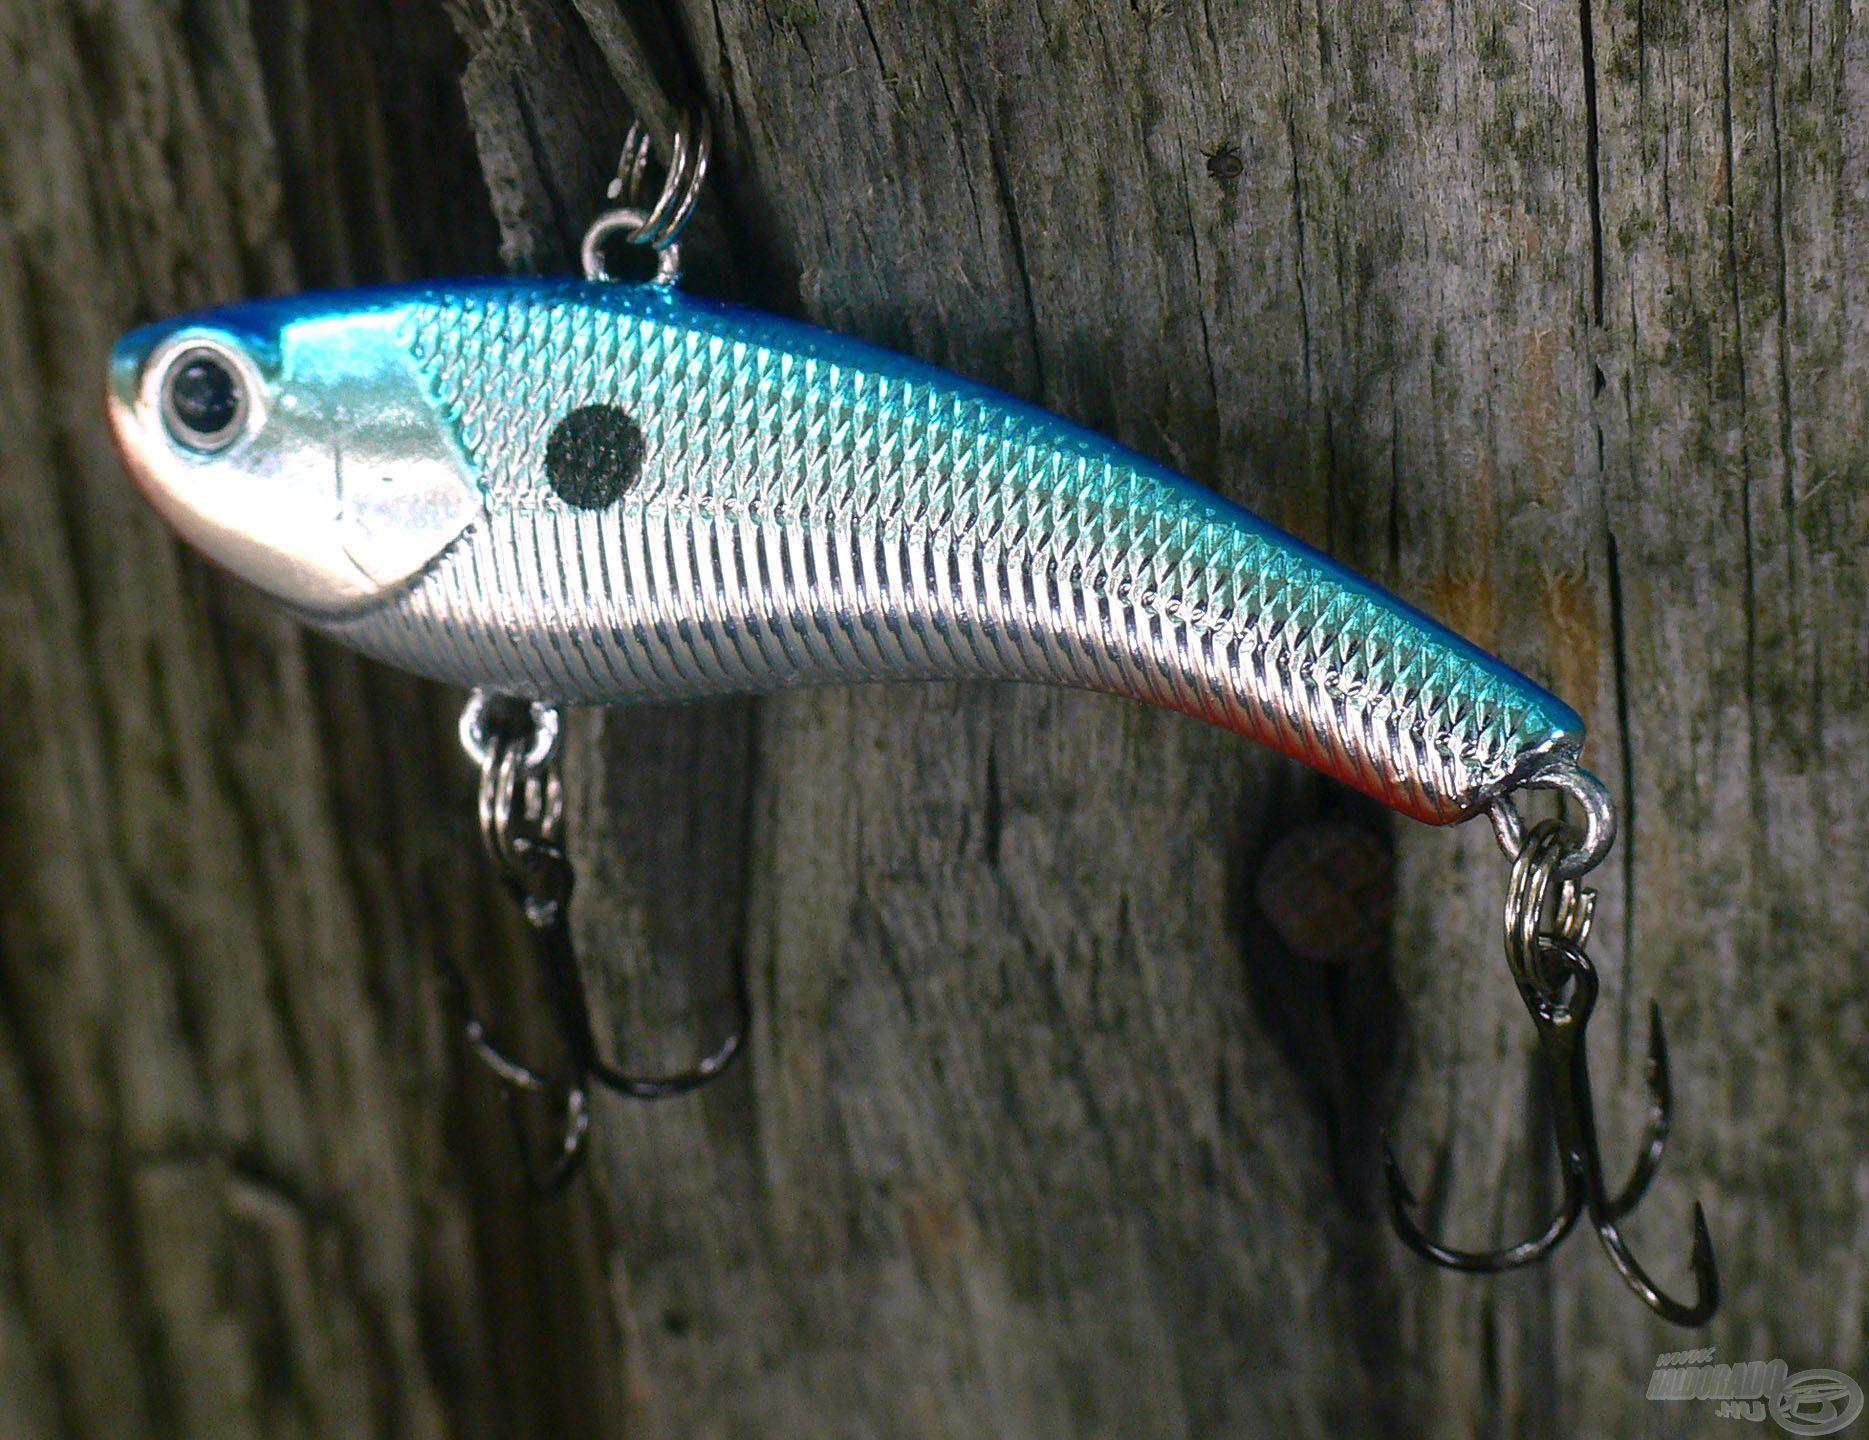 A CHB színjelzésű Chrome Blue egy igazi joker csali, ami a tiszta vizű bányatavak horgászatához is ideális